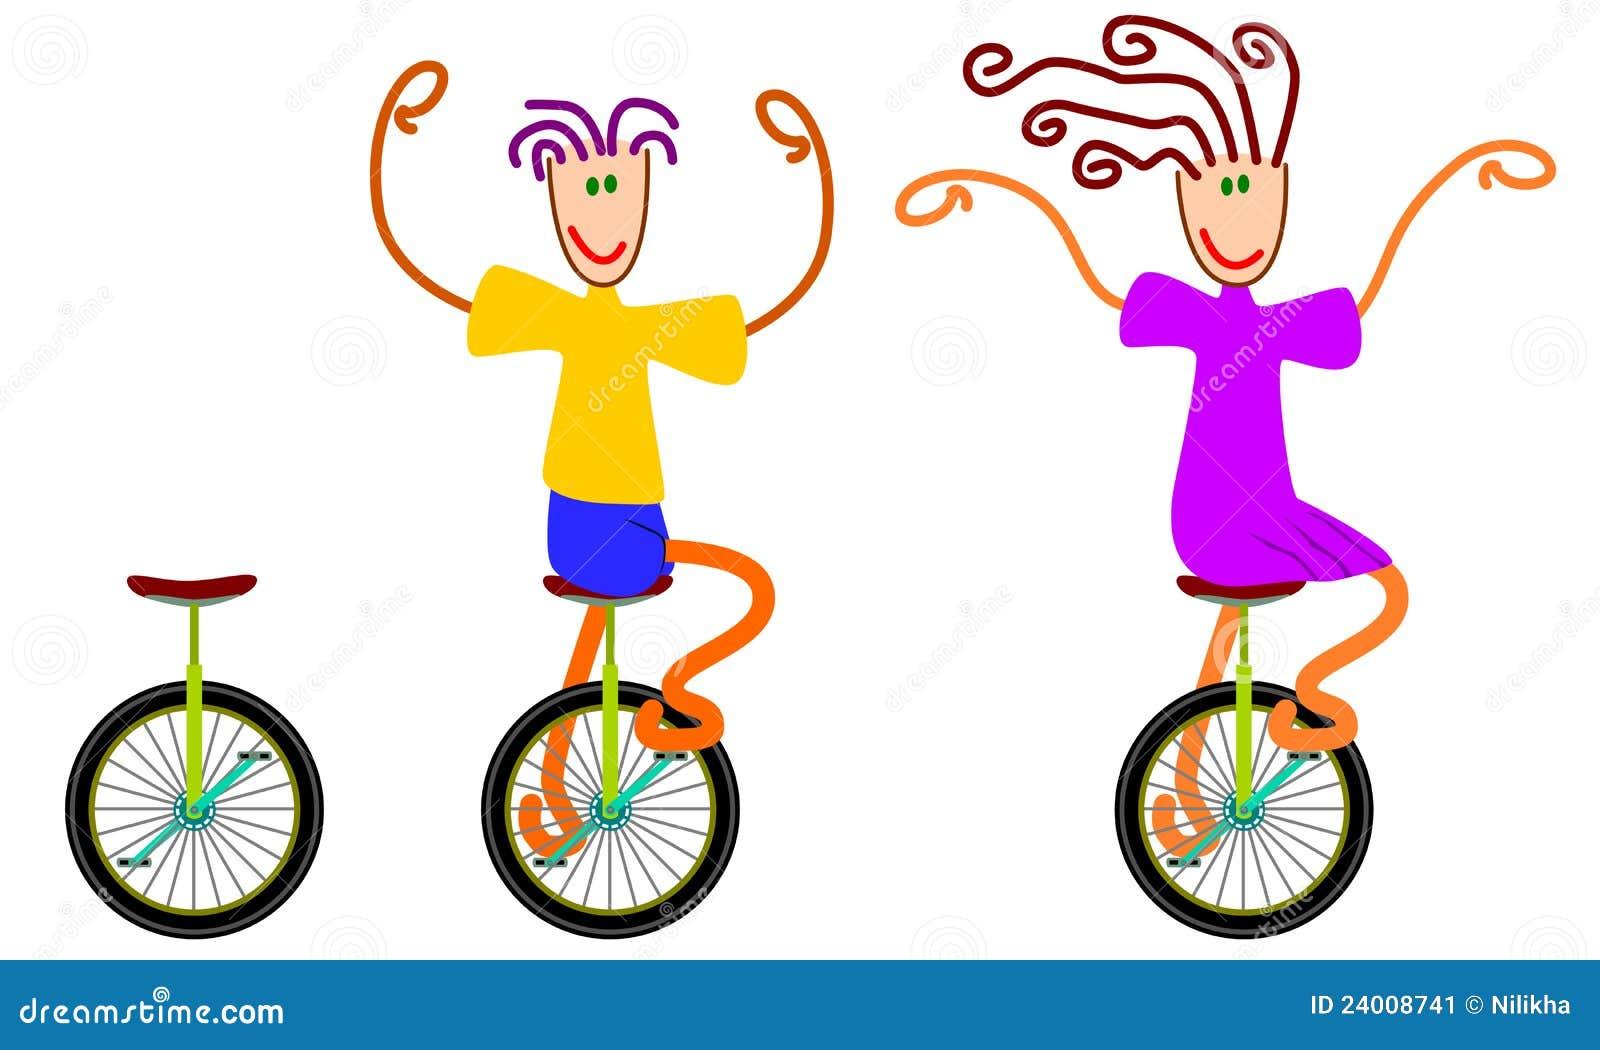 Unicycling Stock Image - Image: 24008741